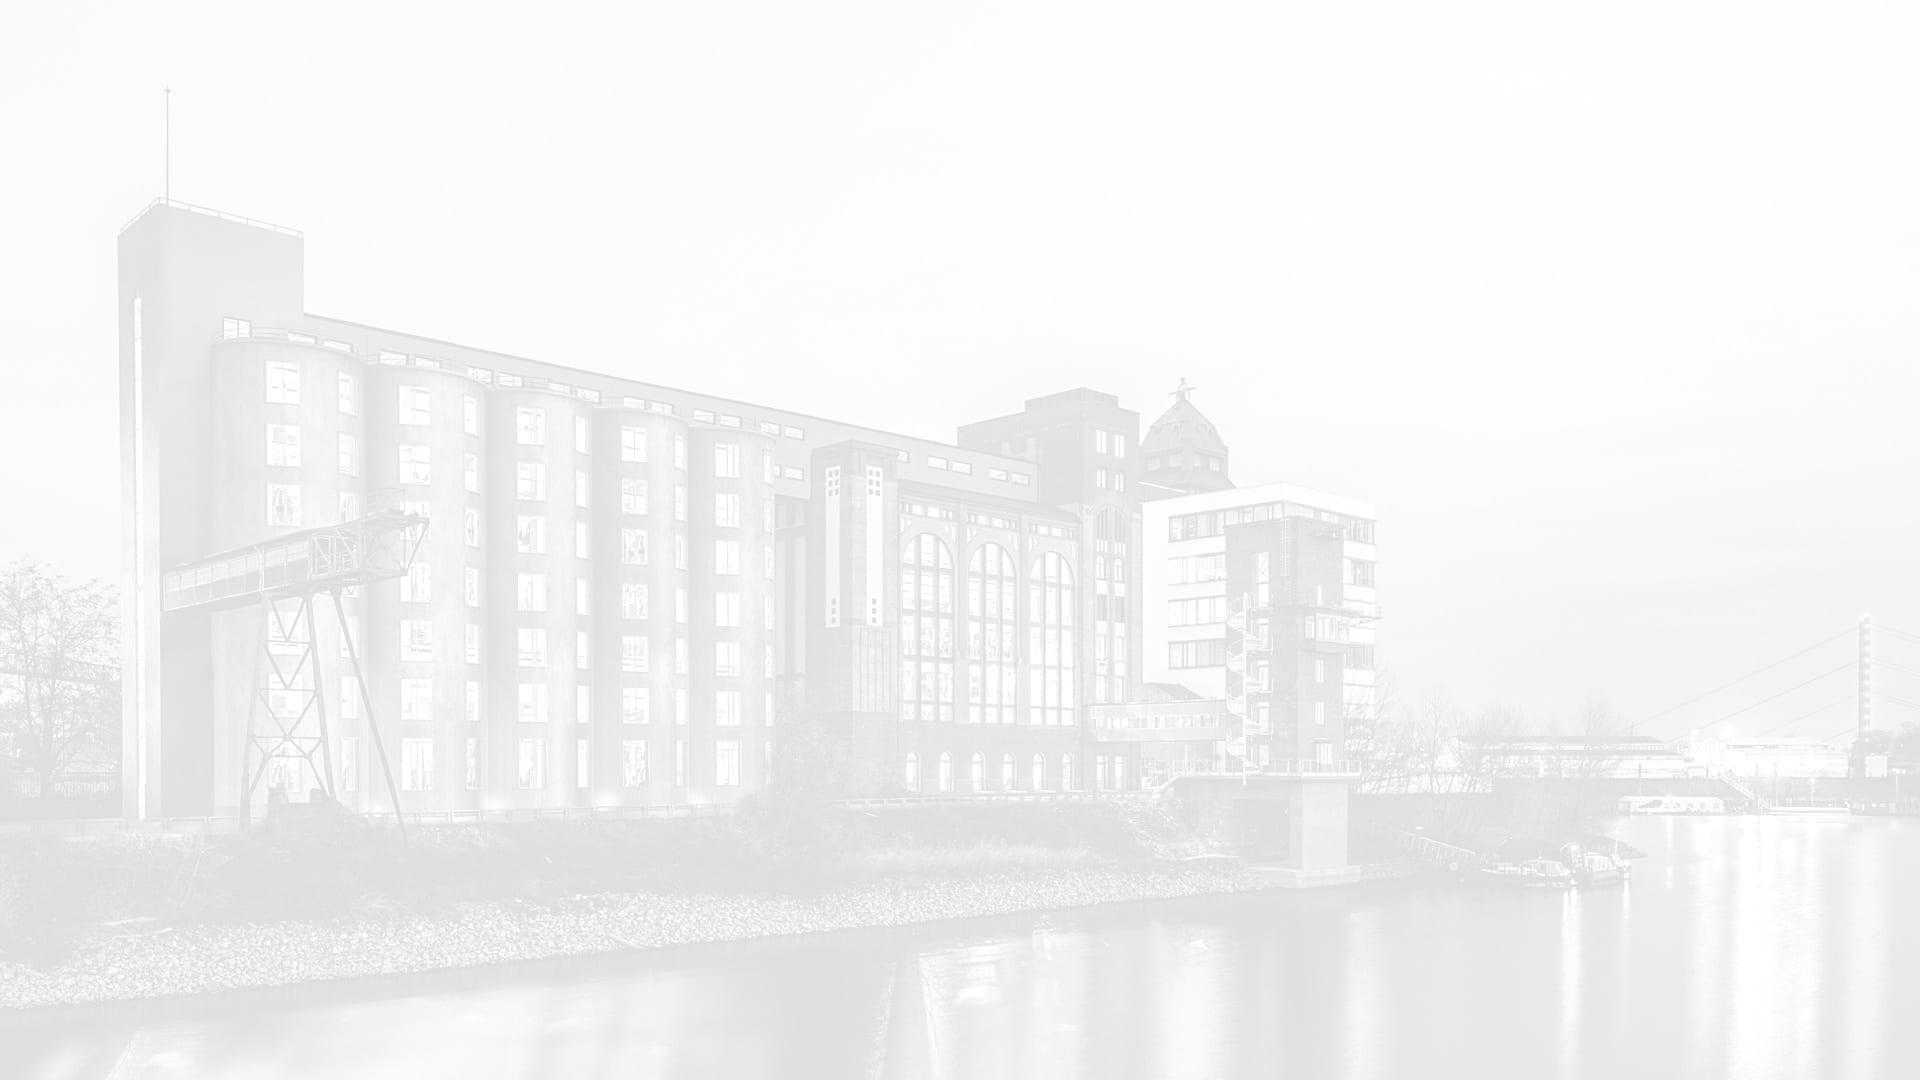 Düsseldorf Medienhafen - Plange Mühle